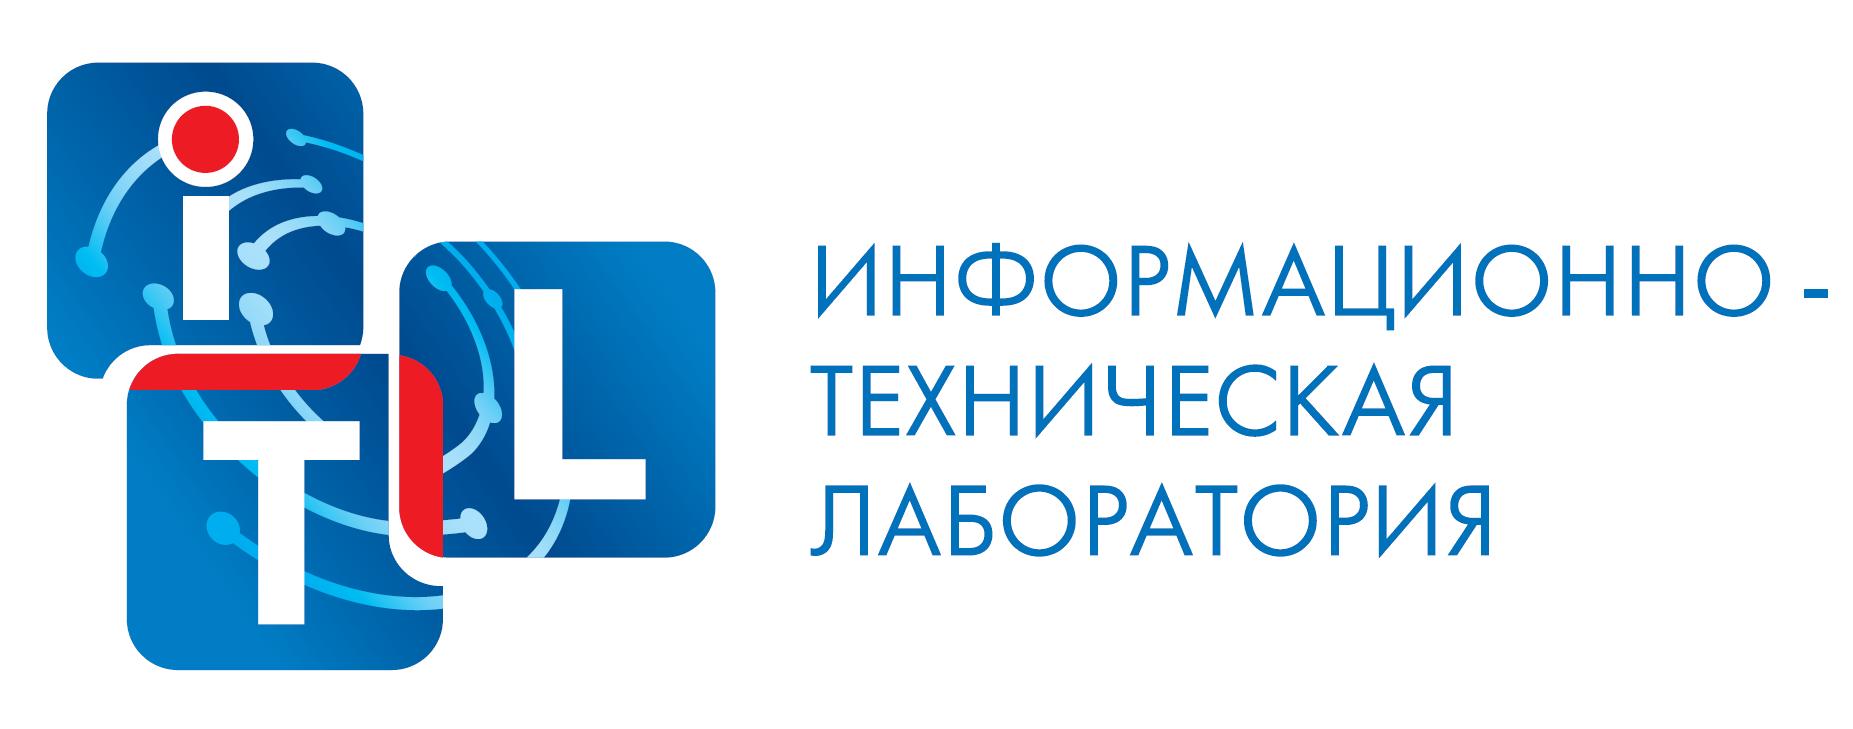 Информационно- техническая лаборатория